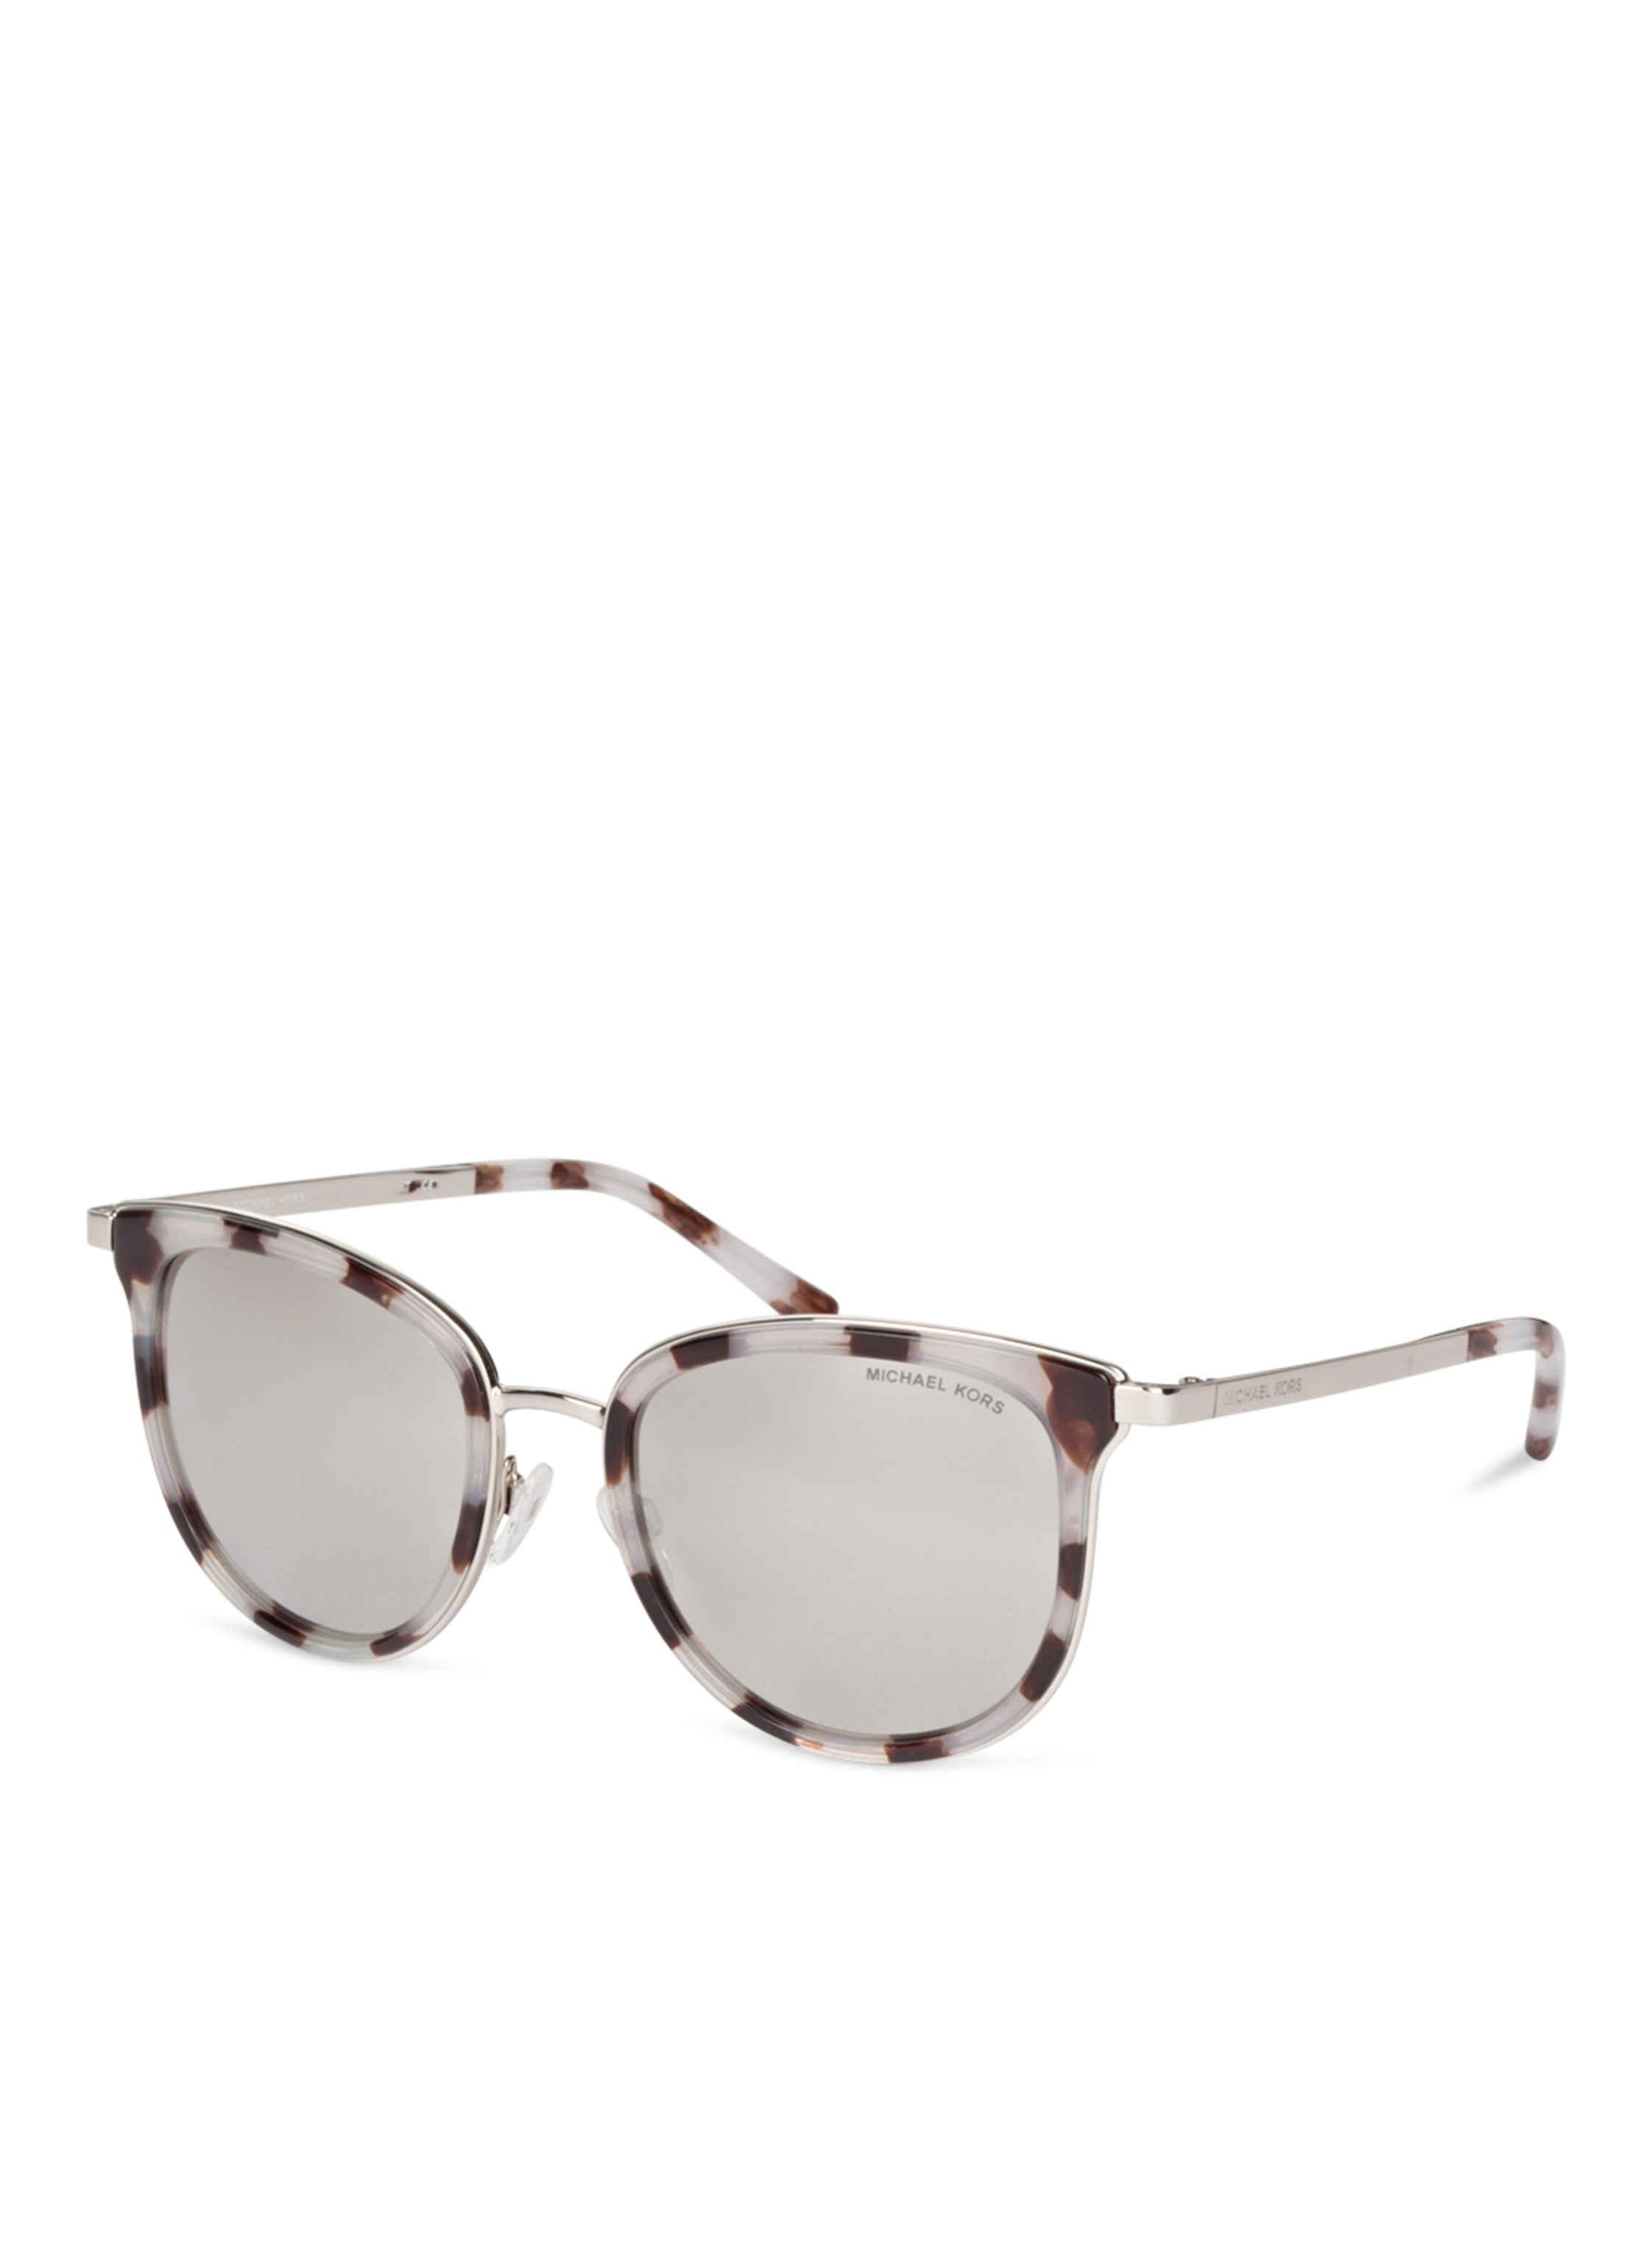 Michael Kors Sonnenbrille Mk1010, Uv400, braun